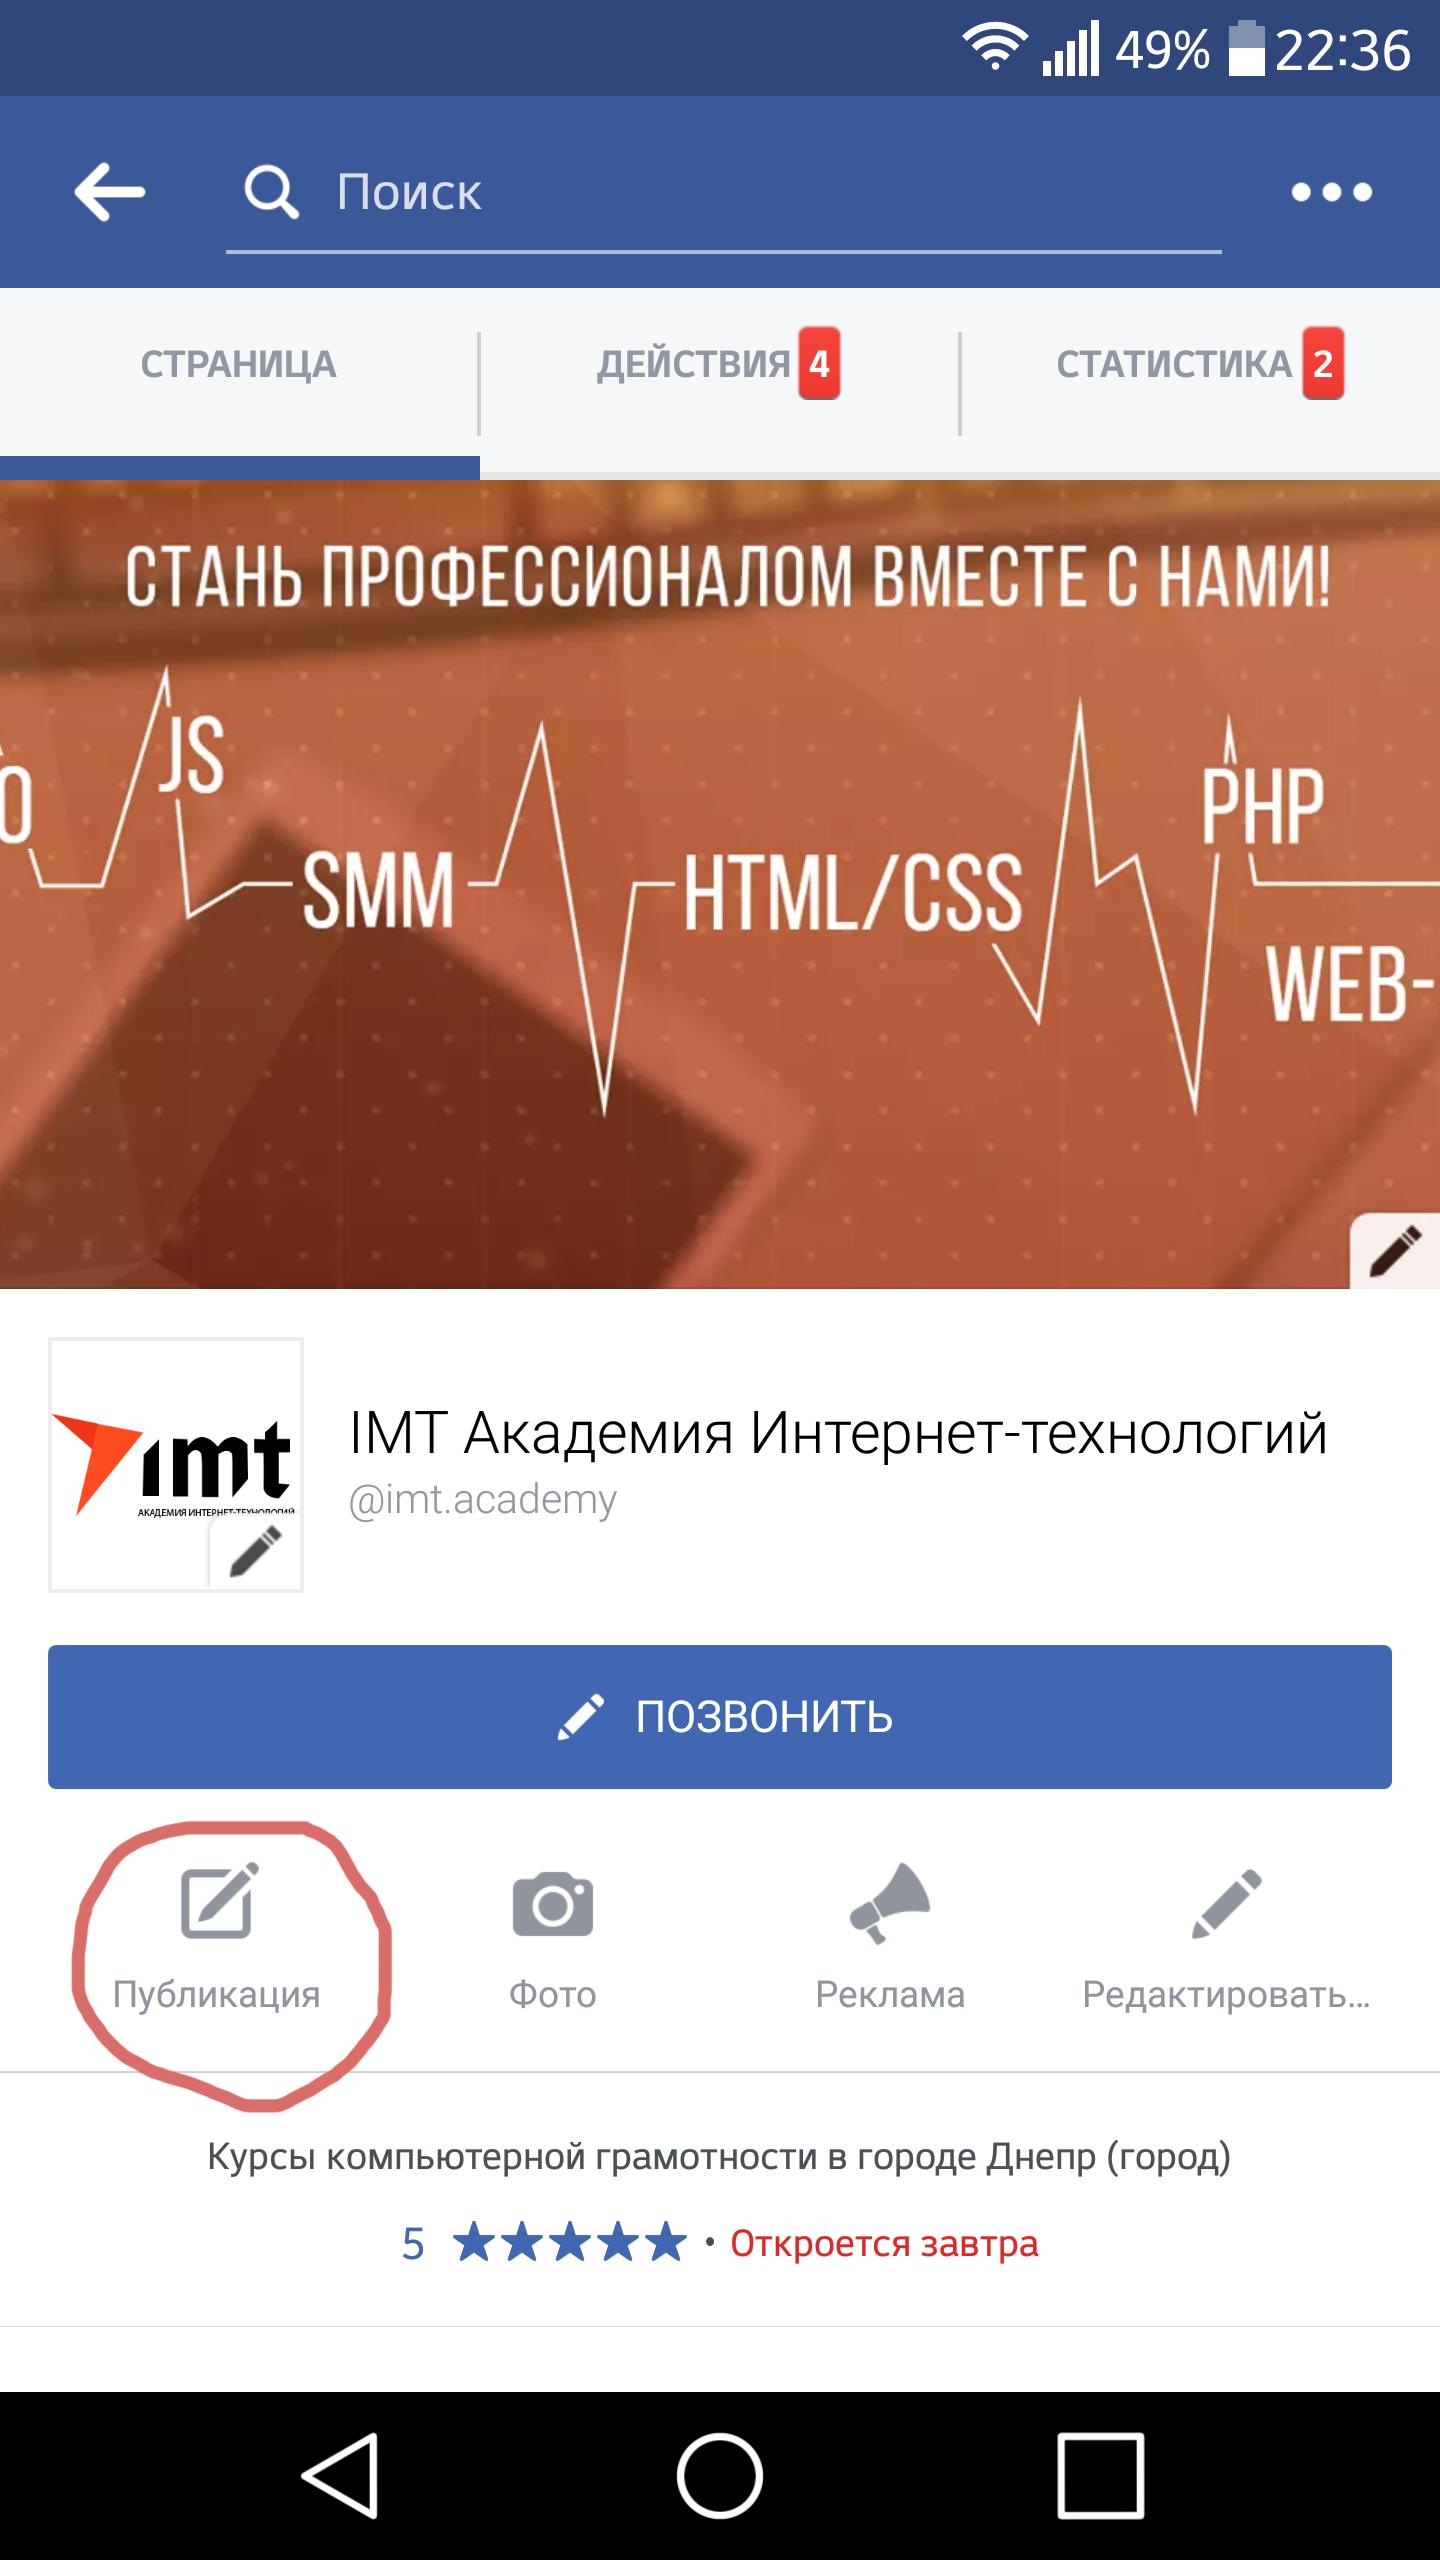 прямой эфир с бизнес страницы фейсбук